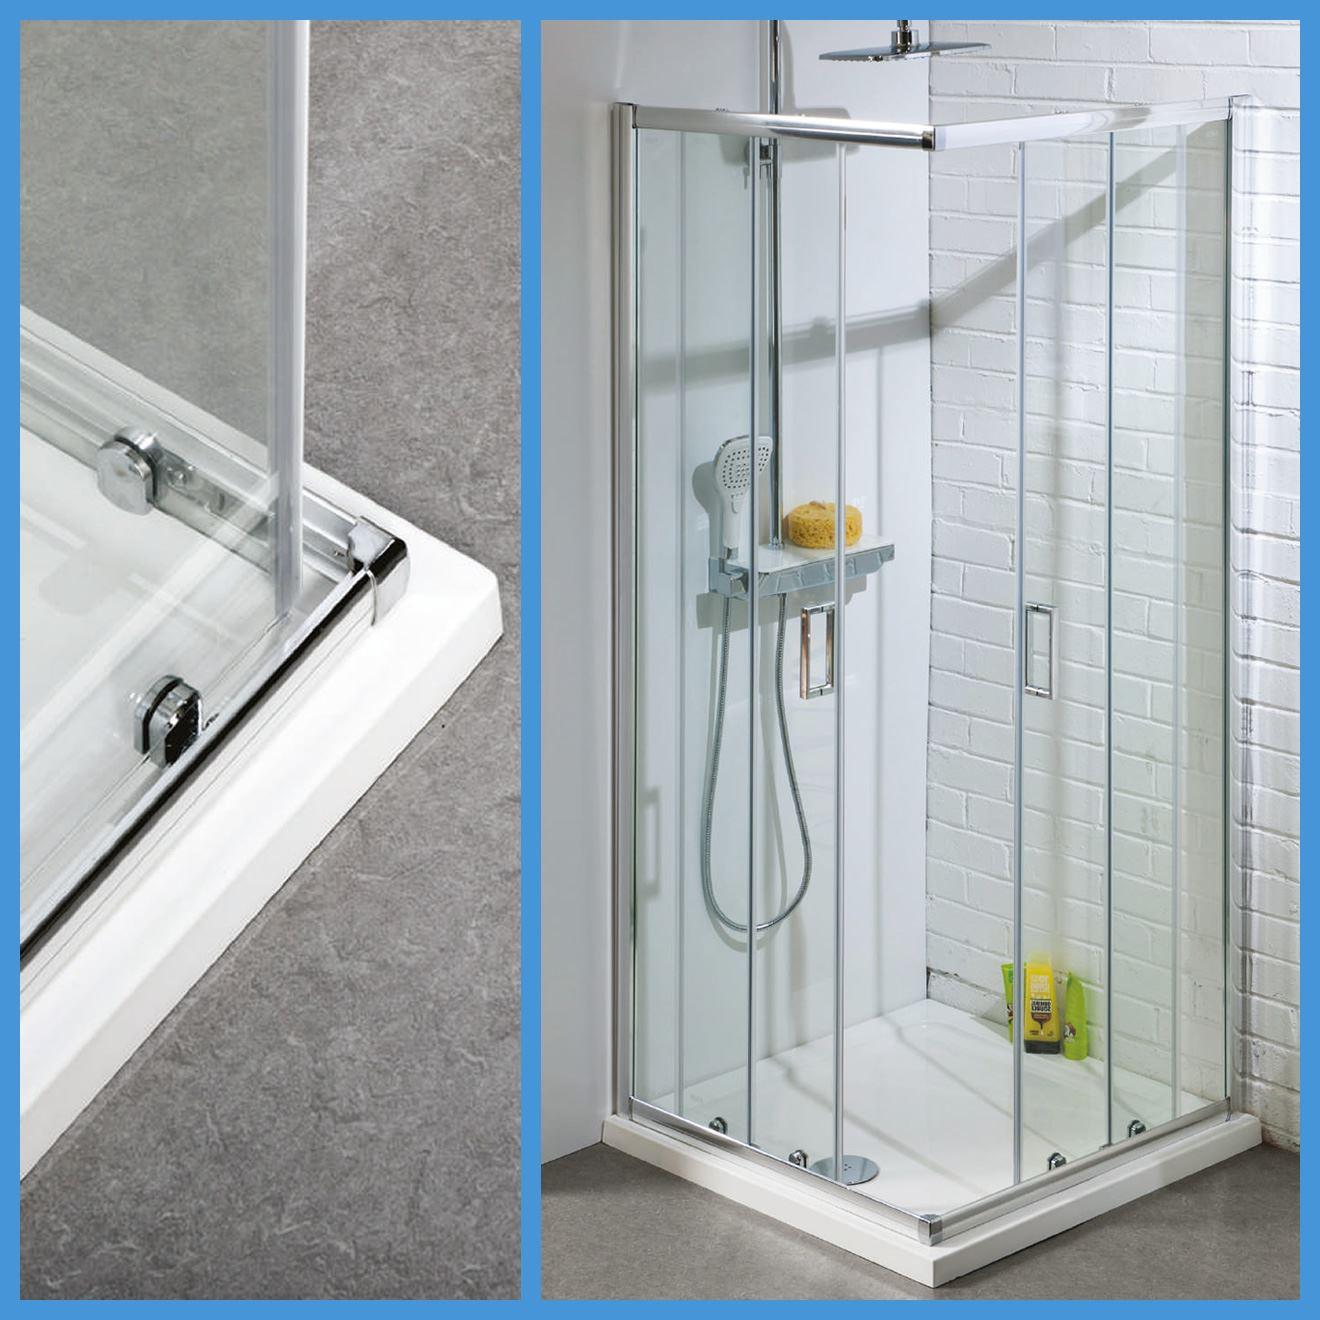 Corner Entry Shower Enclosures Toughened Glass Cubicle Sliding Door ...